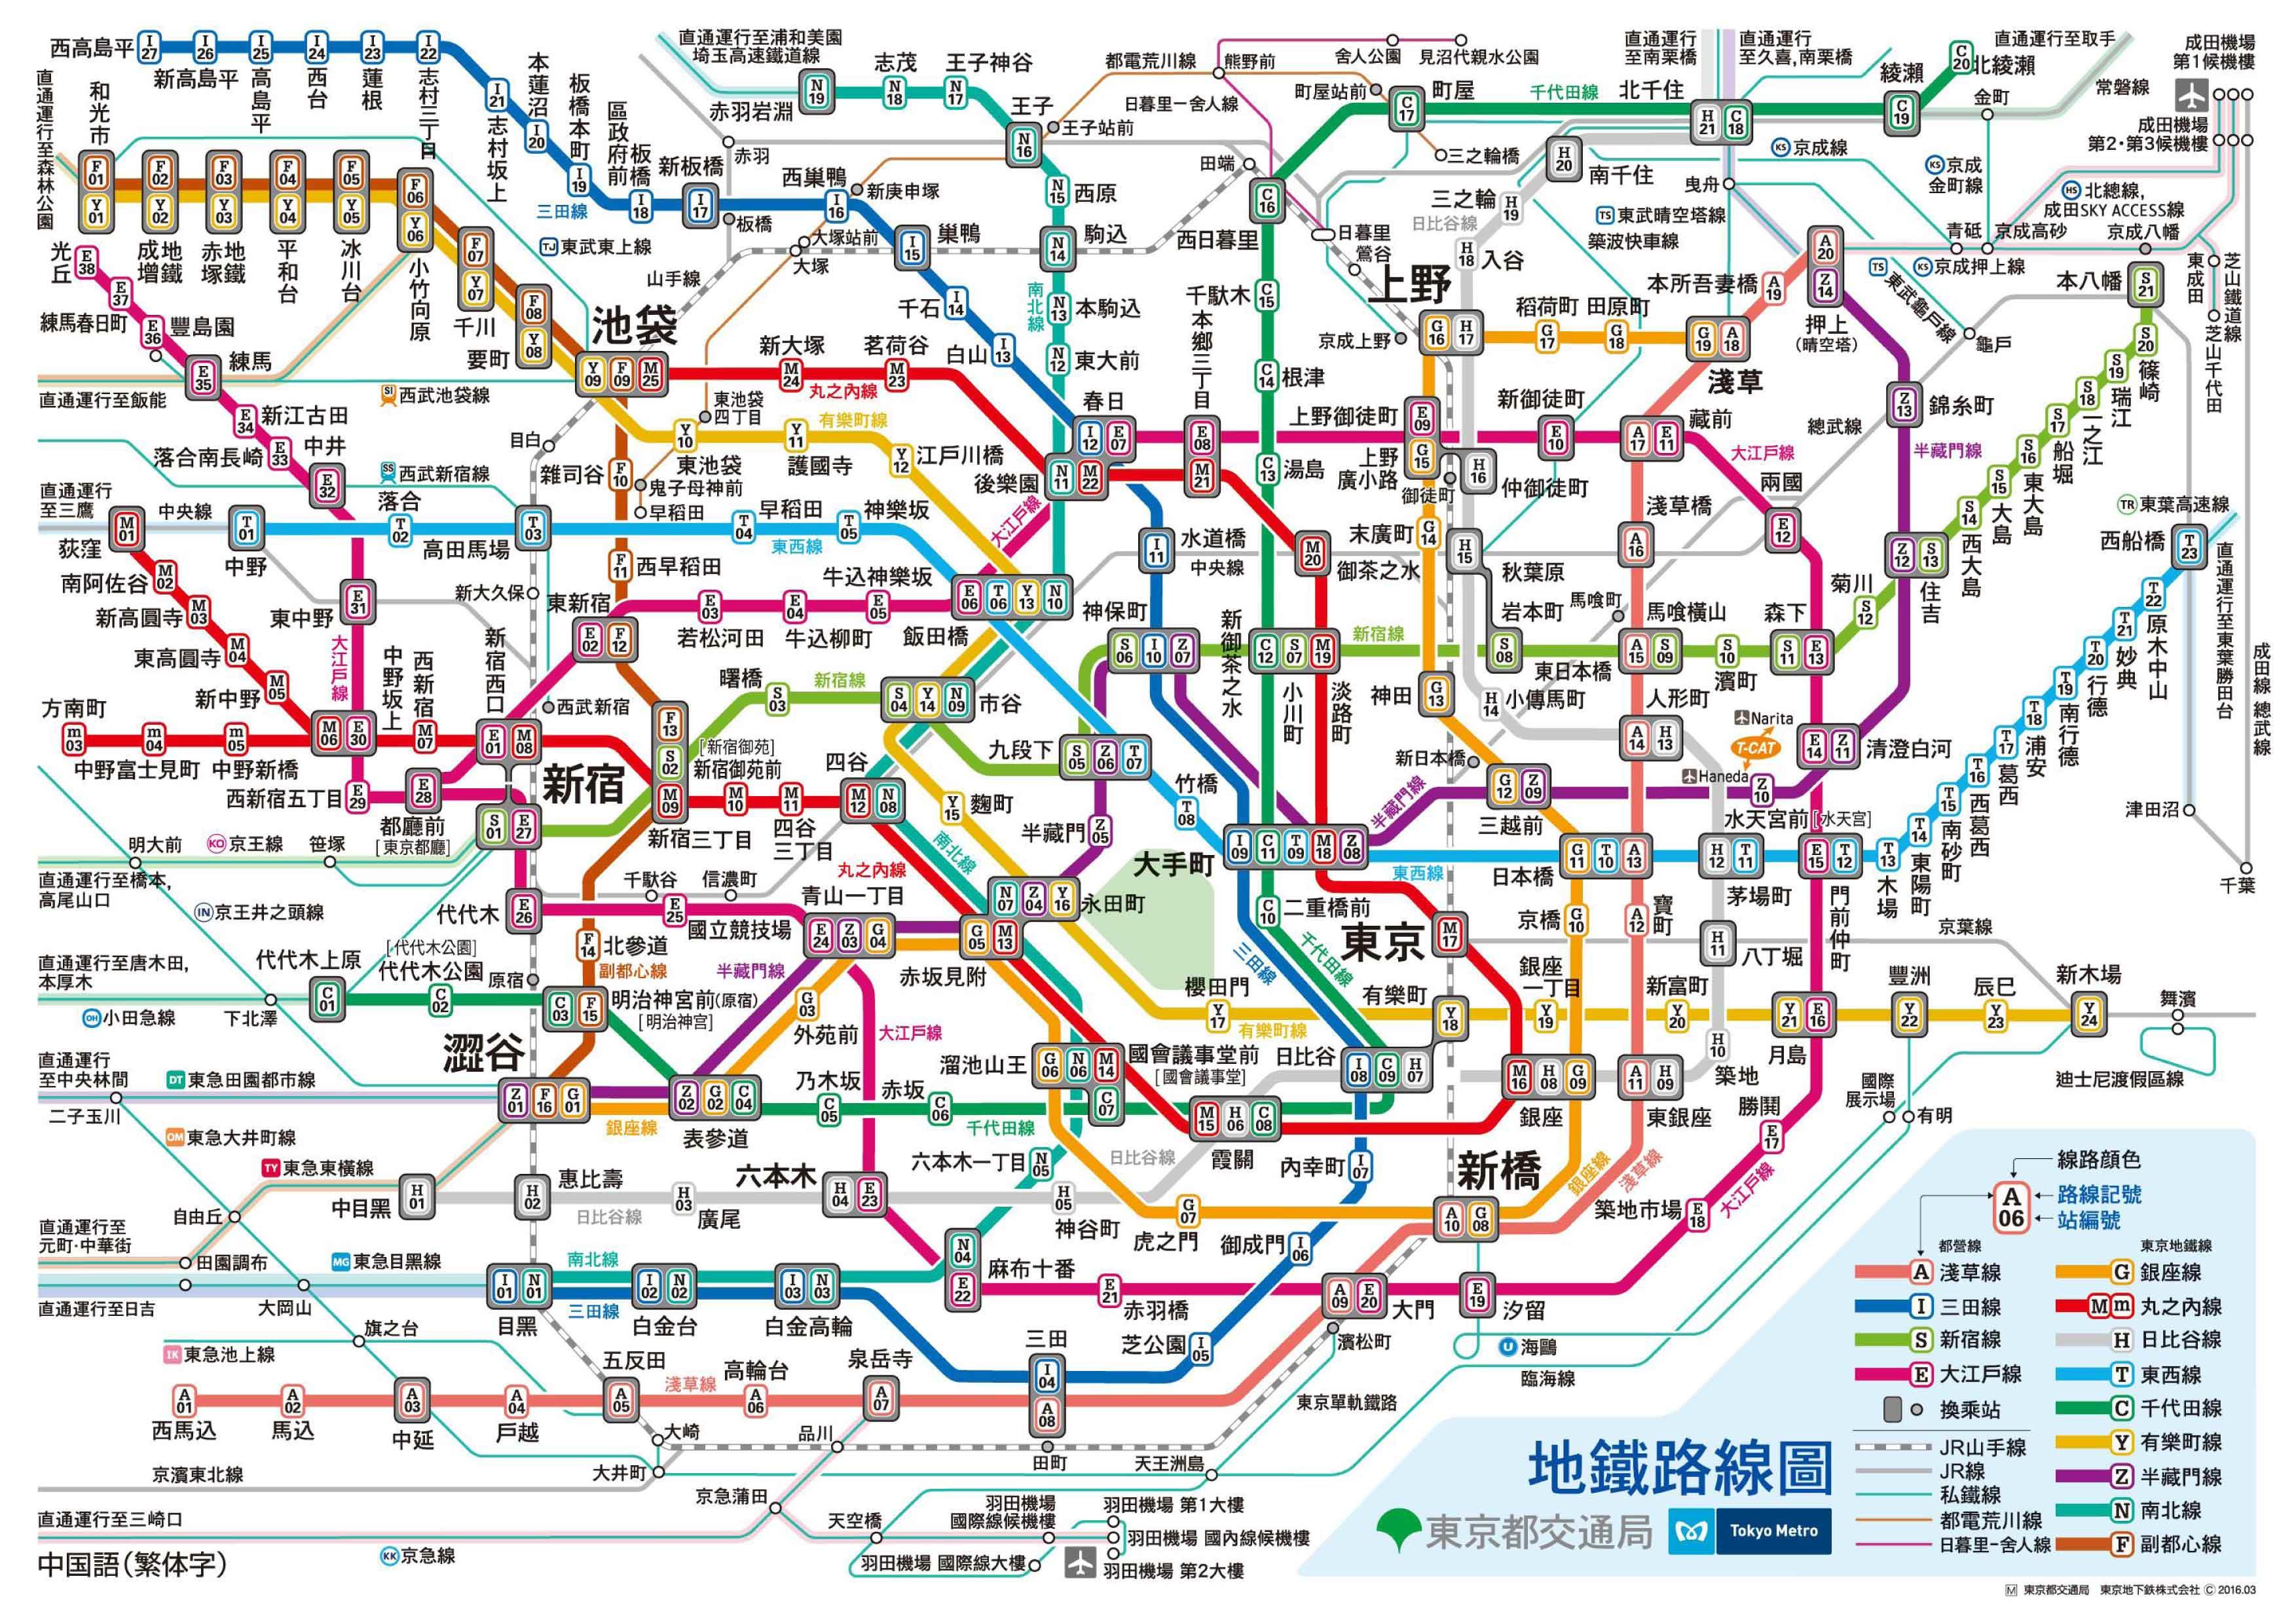 日本东京地铁线路图 运营时间票价站点 查询下载 东京地铁票价 东京地铁运营时间 东京地铁线路图 都营地铁 东京地铁 日本地铁 日本地铁线路图  第3张